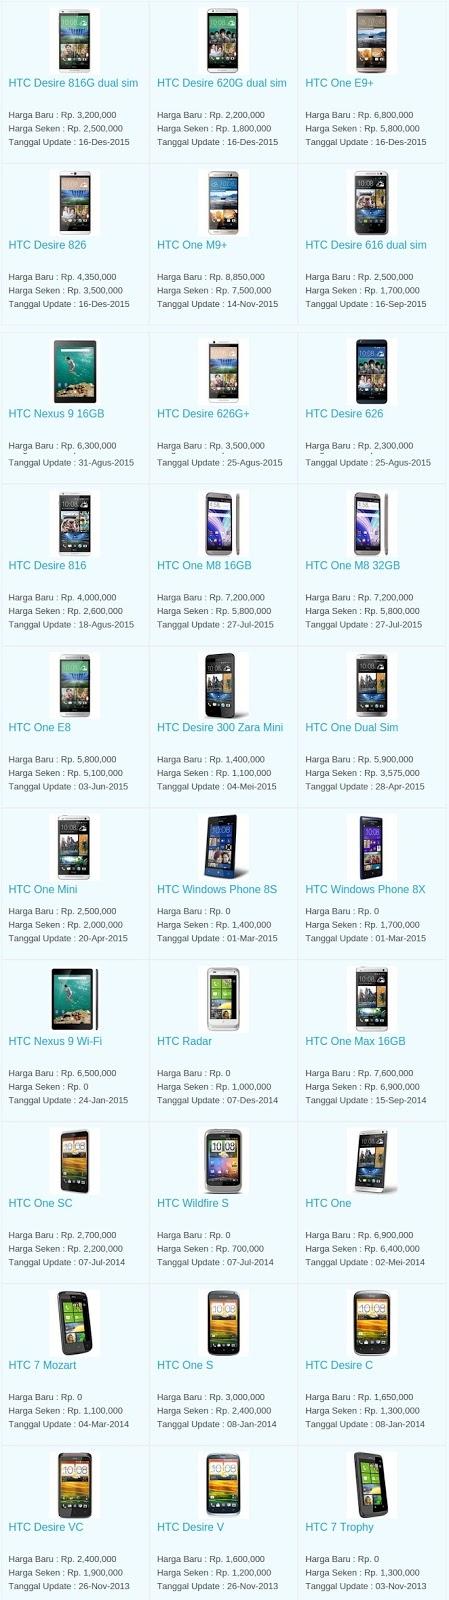 Daftar Harga Hp HTC Januari 2016